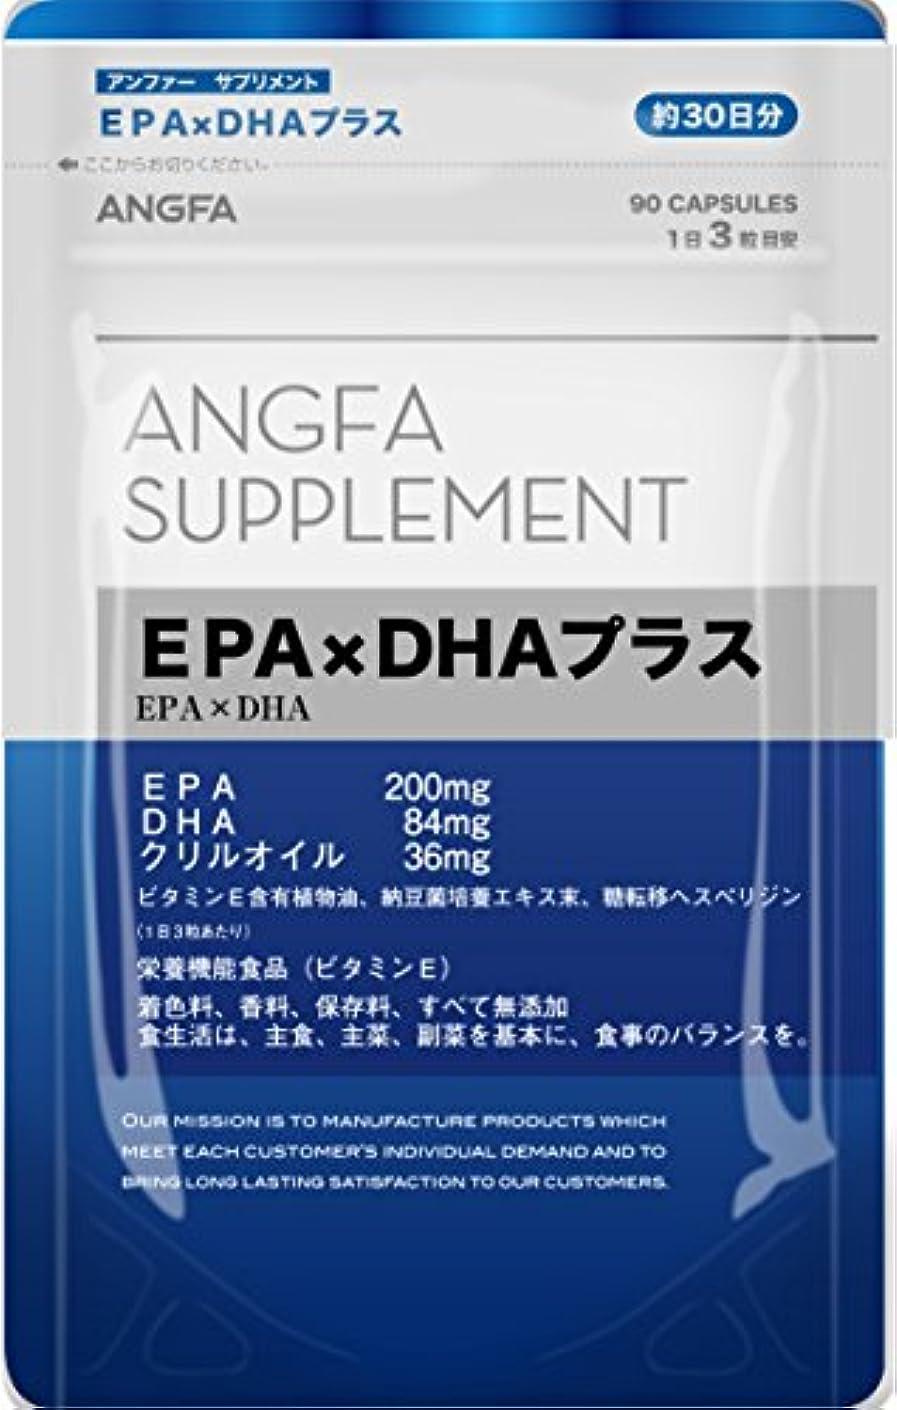 悪質な液化するモードリンアンファー (ANGFA) サプリメント EPA × DHA プラス 90粒